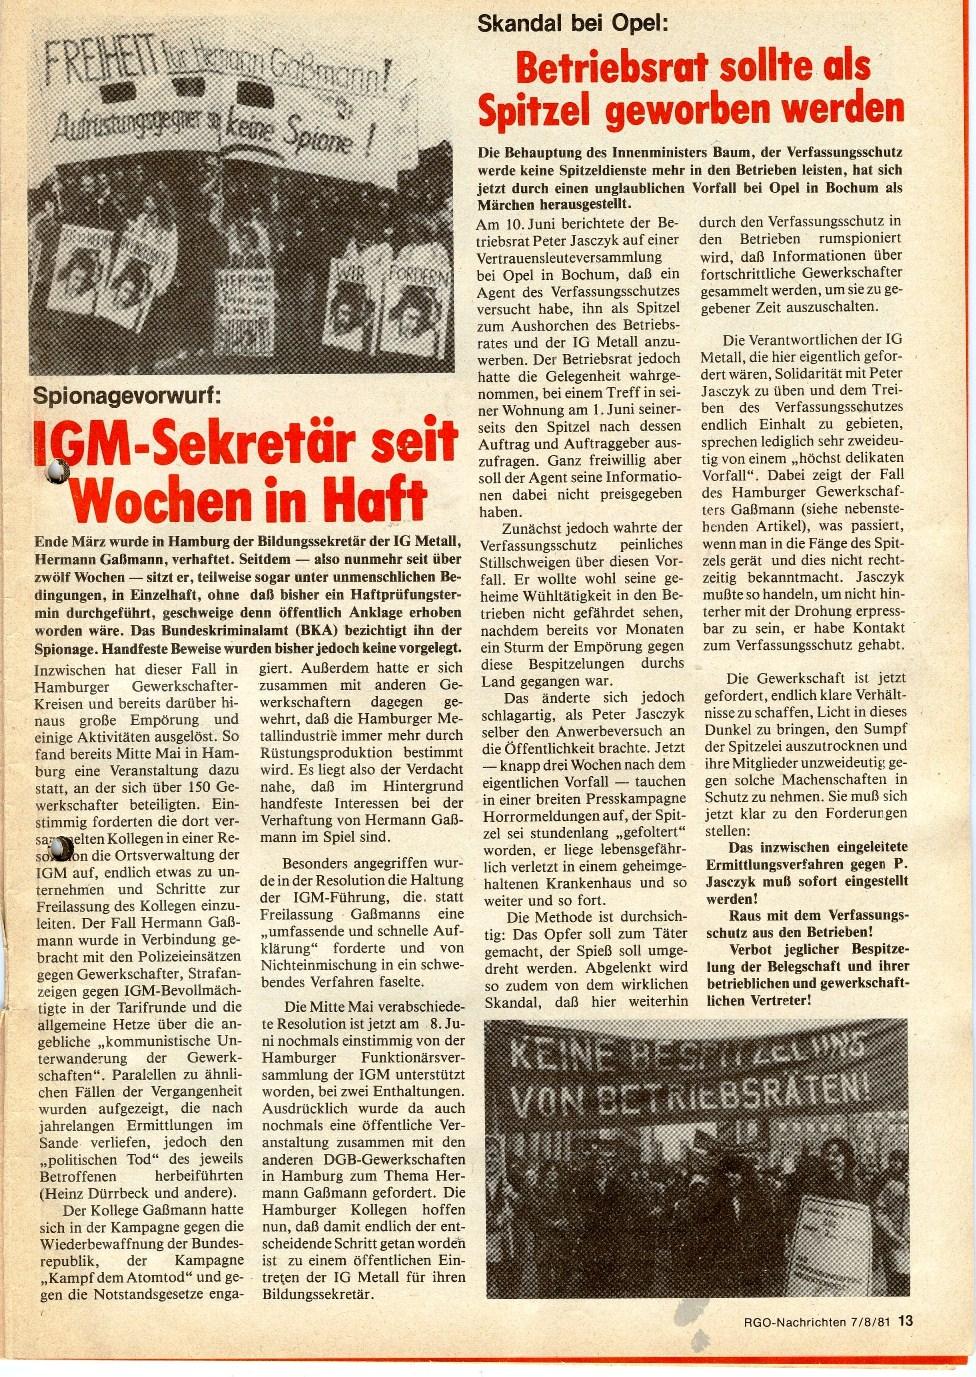 RGO_RGO_Nachrichten_1981_07_08_13